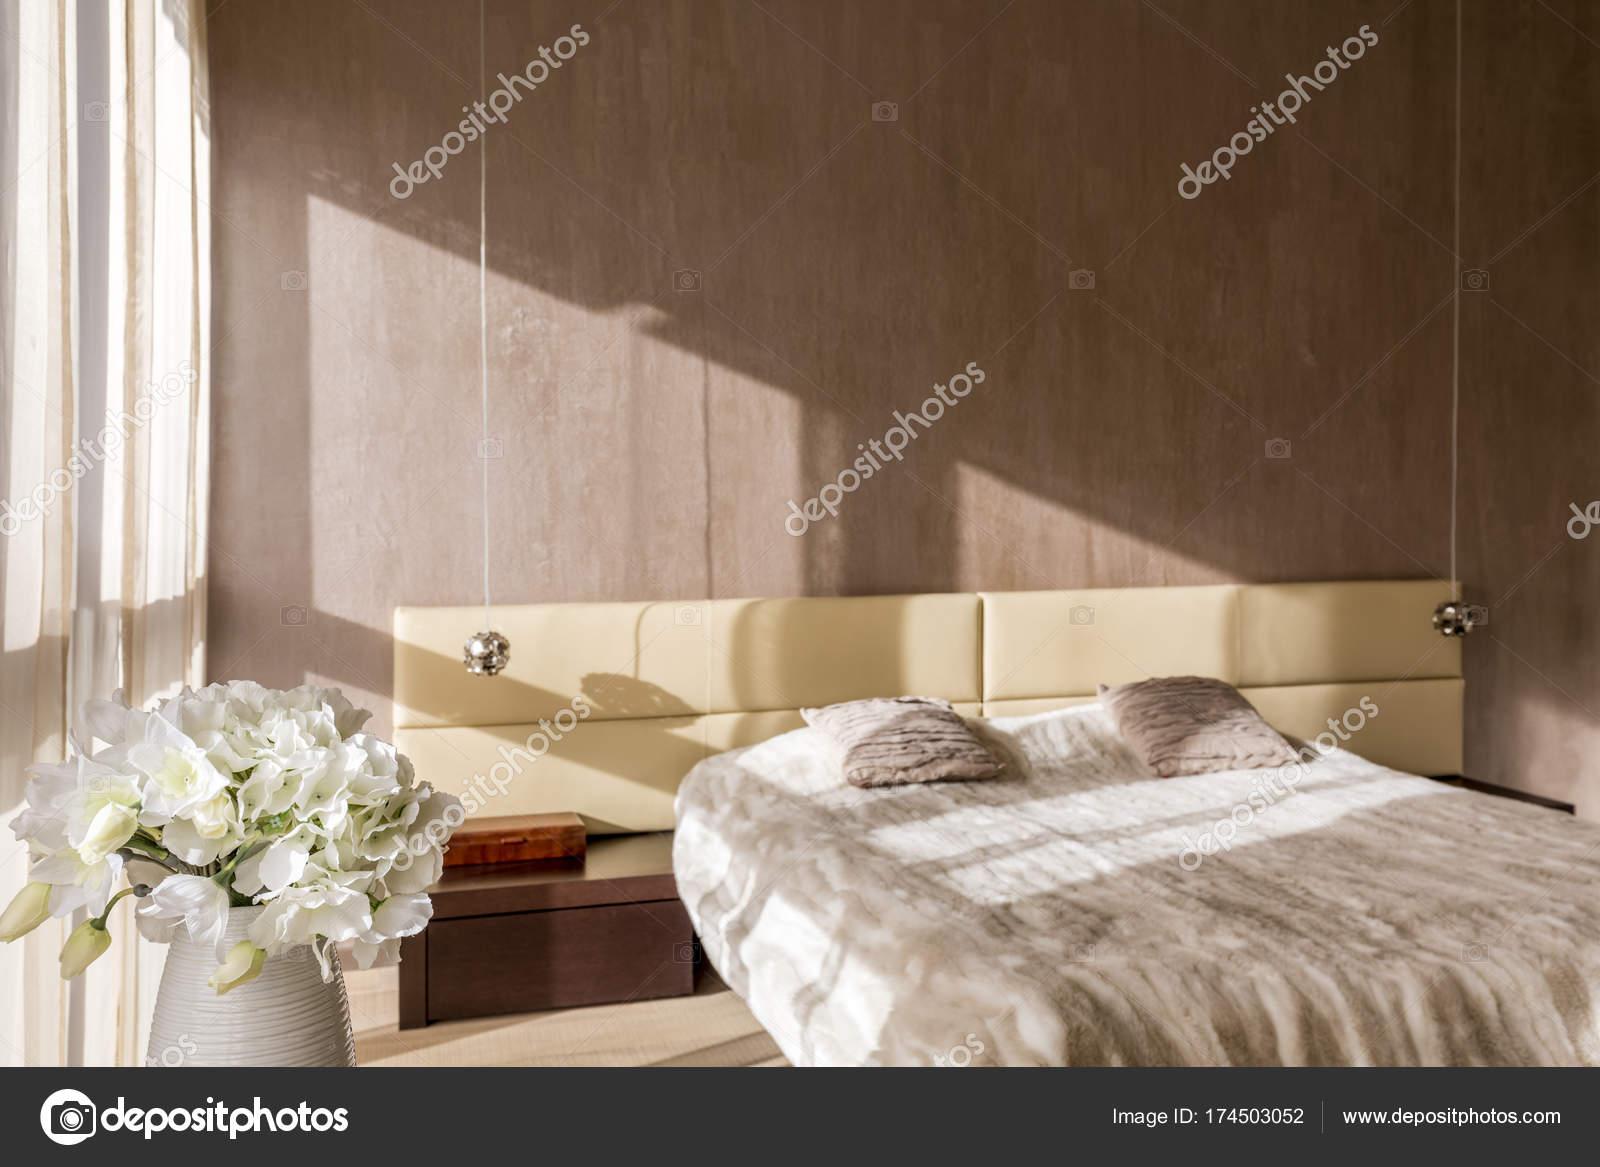 Kleur Voor Slaapkamer : Gestemde kleur slaapkamer u stockfoto photographee eu